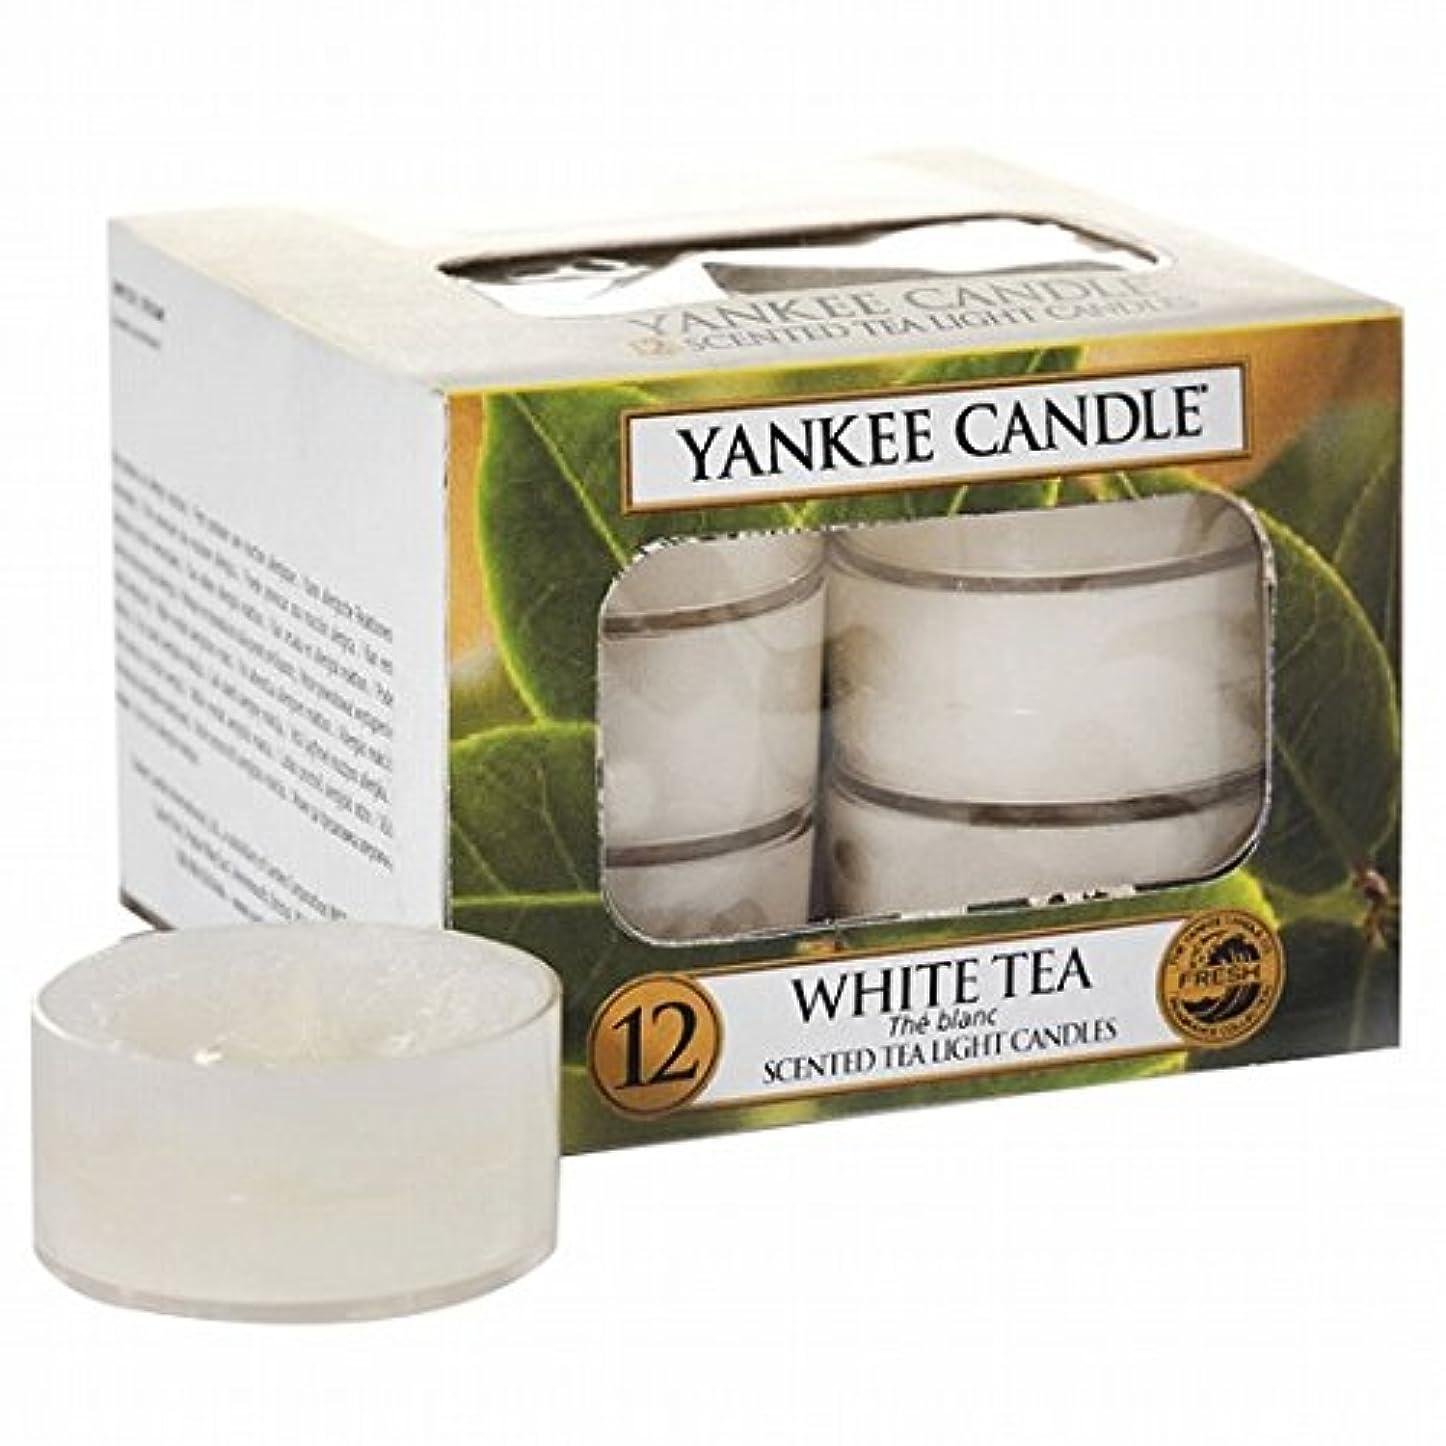 最初に事件、出来事柔らかいYANKEE CANDLE(ヤンキーキャンドル) YANKEE CANDLE クリアカップティーライト12個入り 「ホワイトティー」(K00505277)